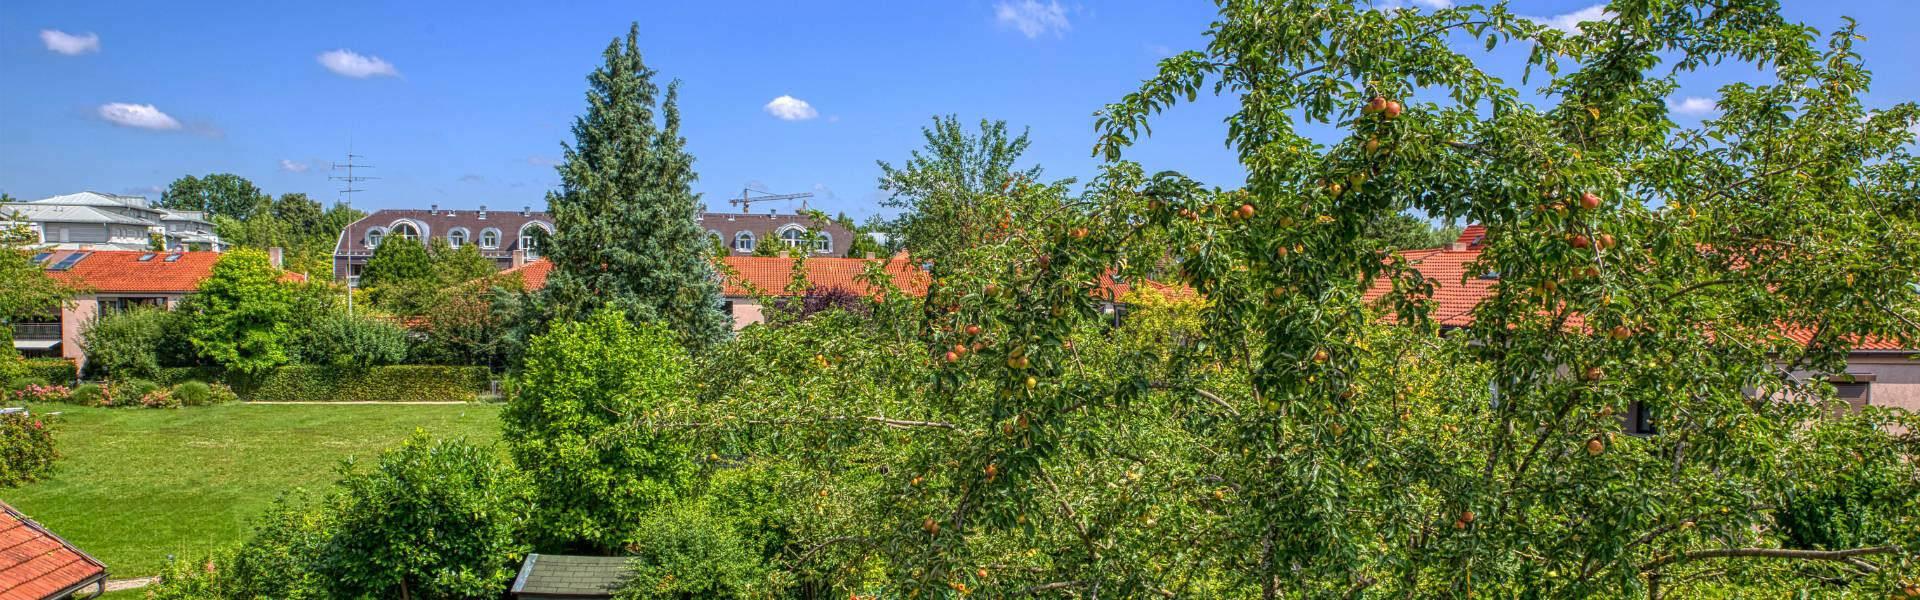 Bogenhausen DHH Garten